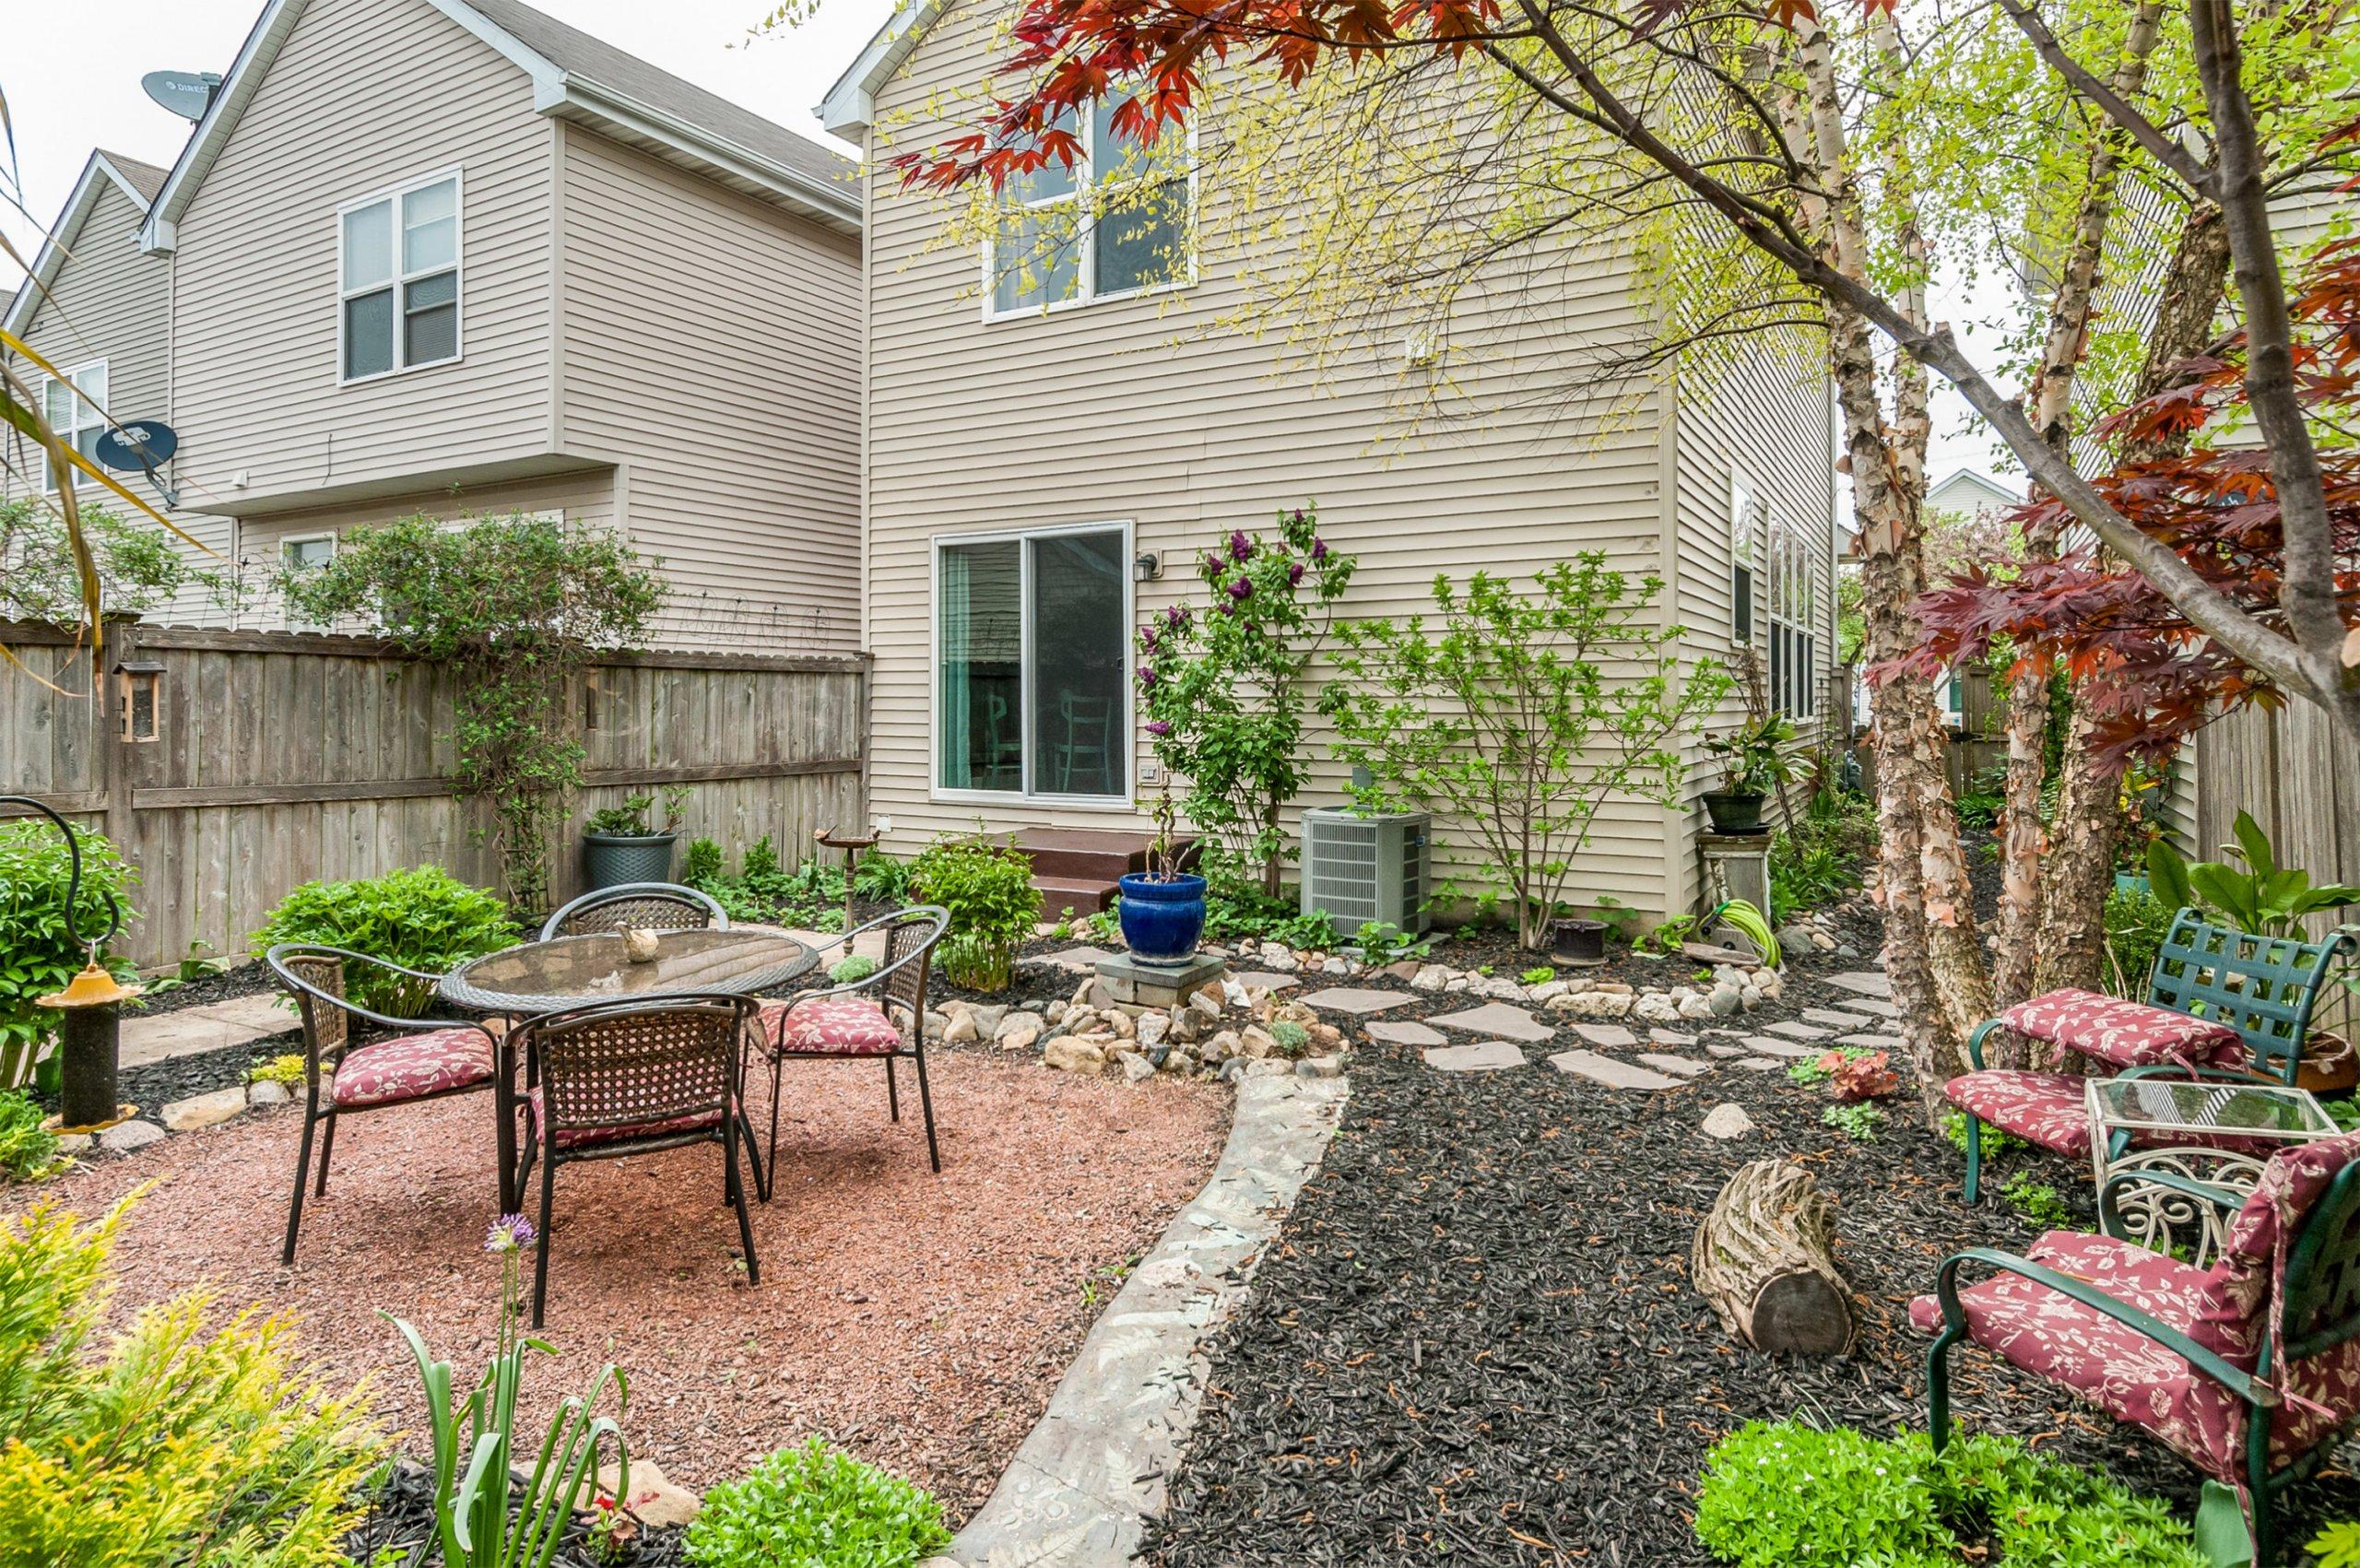 Garden at 2135 Grayhawk Dr.,Aurora, Illinois